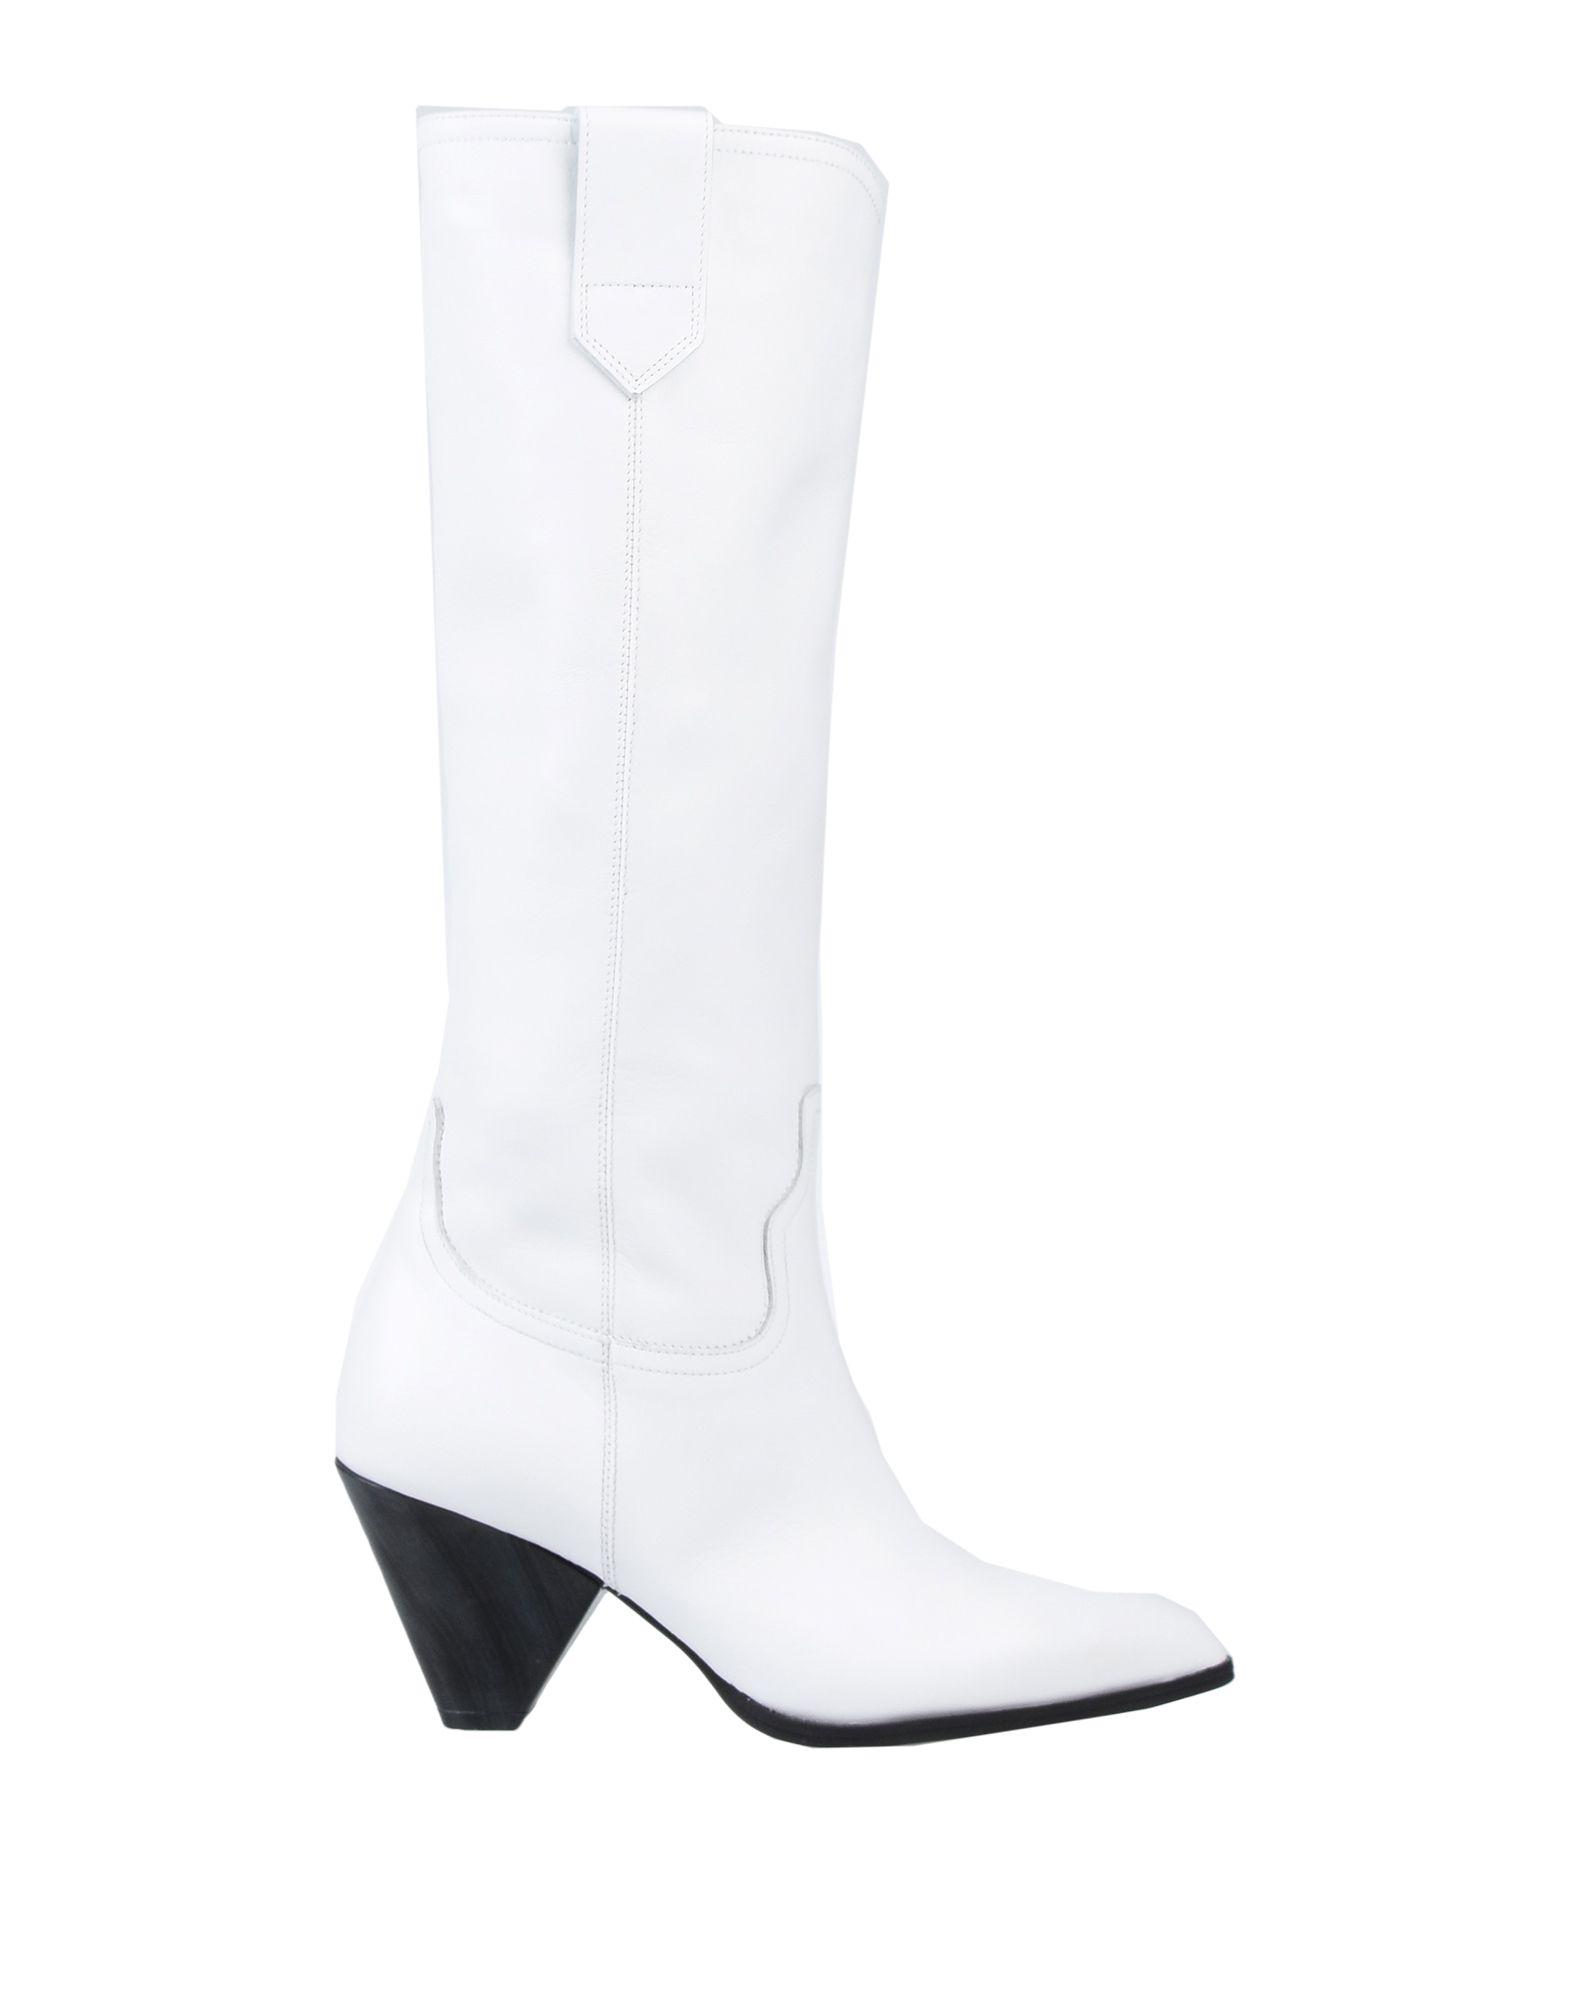 《送料無料》CARLA G. レディース ブーツ ホワイト 36 革